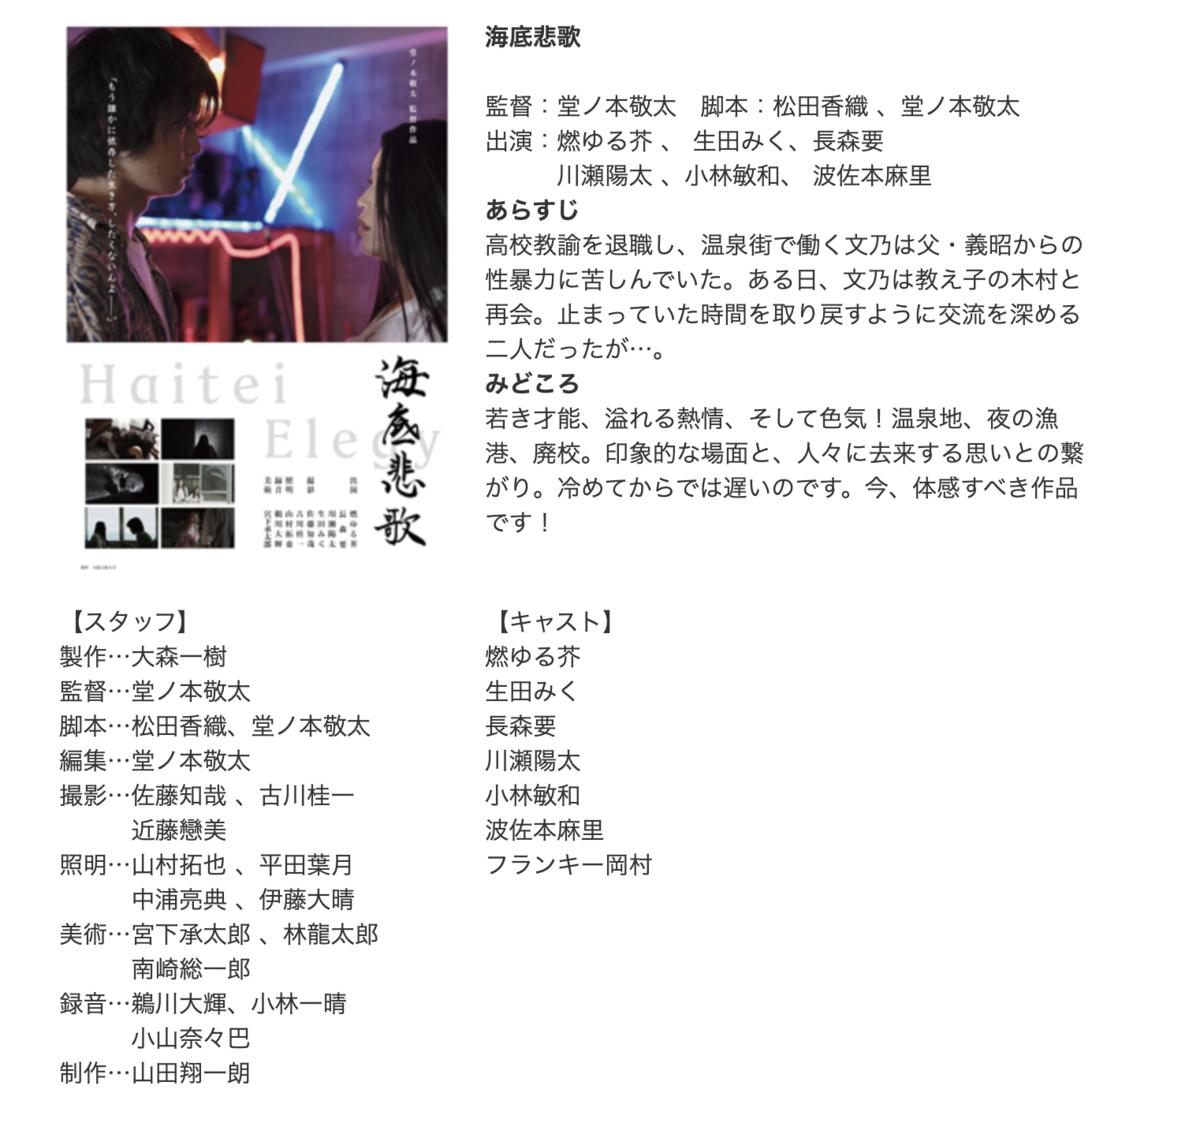 f:id:nmt-pink-film8888:20210416123552p:plain